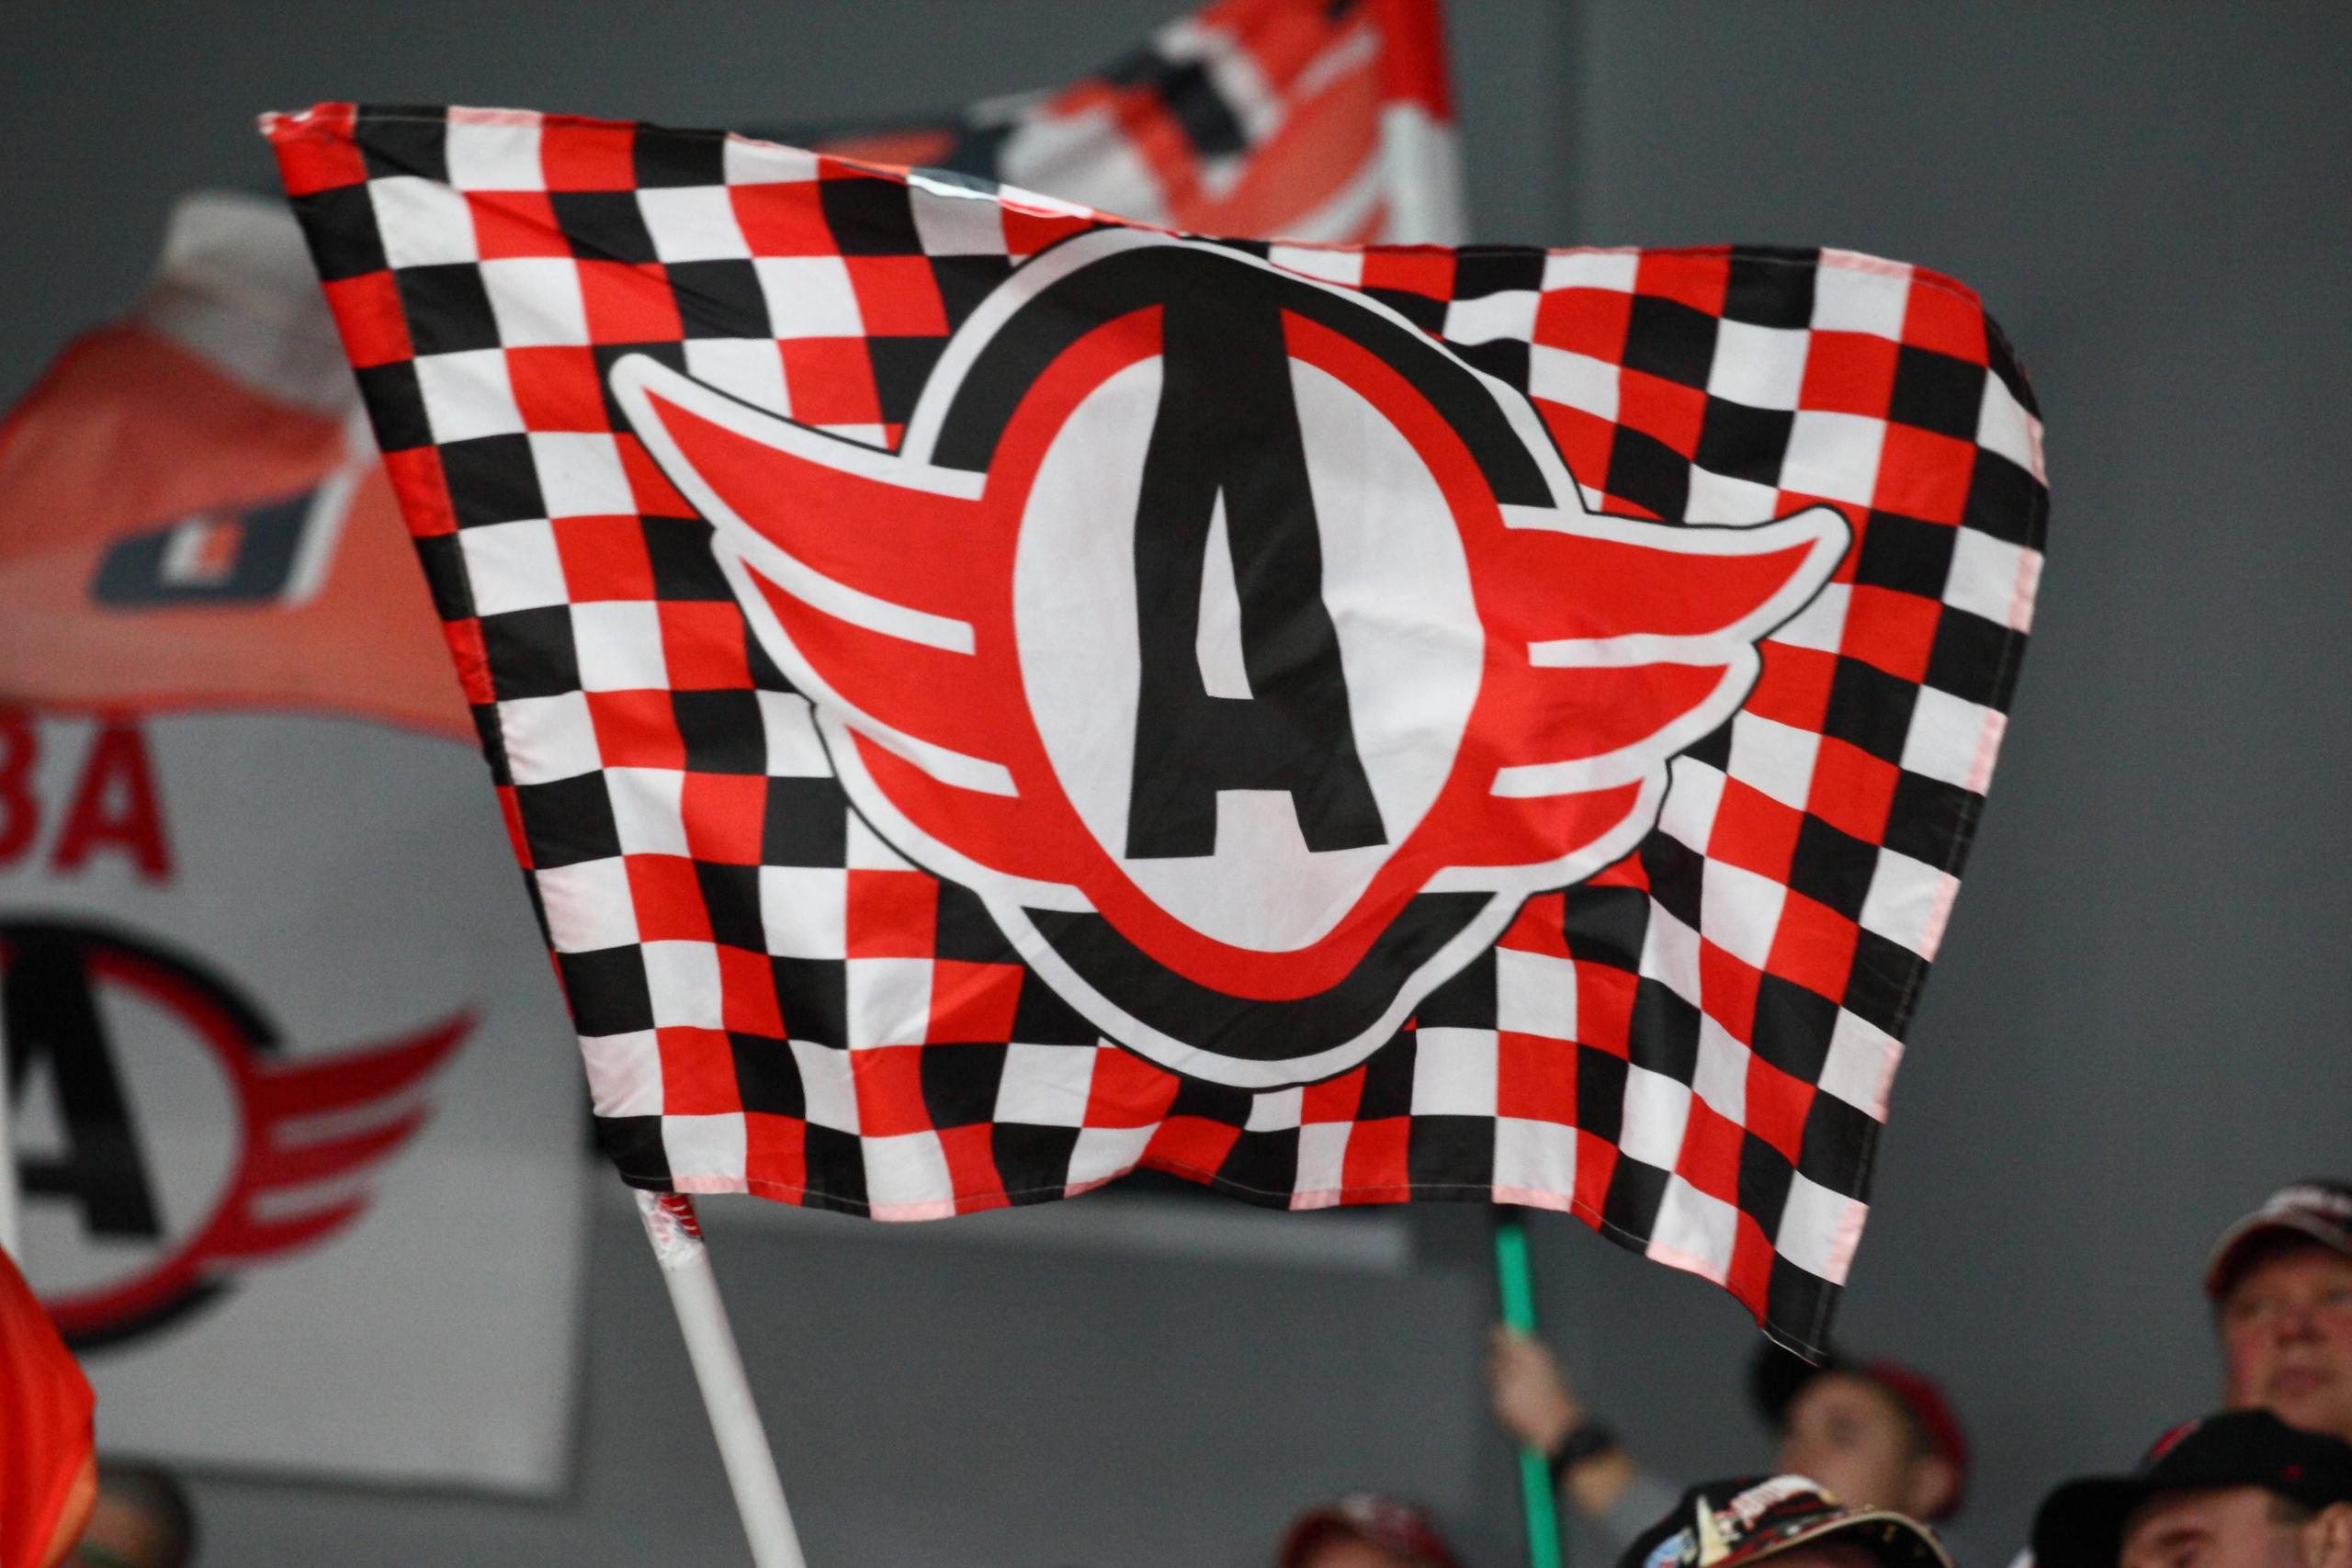 «Автомобилист» разгромил в Астане местную команду «Барыс» в матче регулярного чемпионата КХЛ